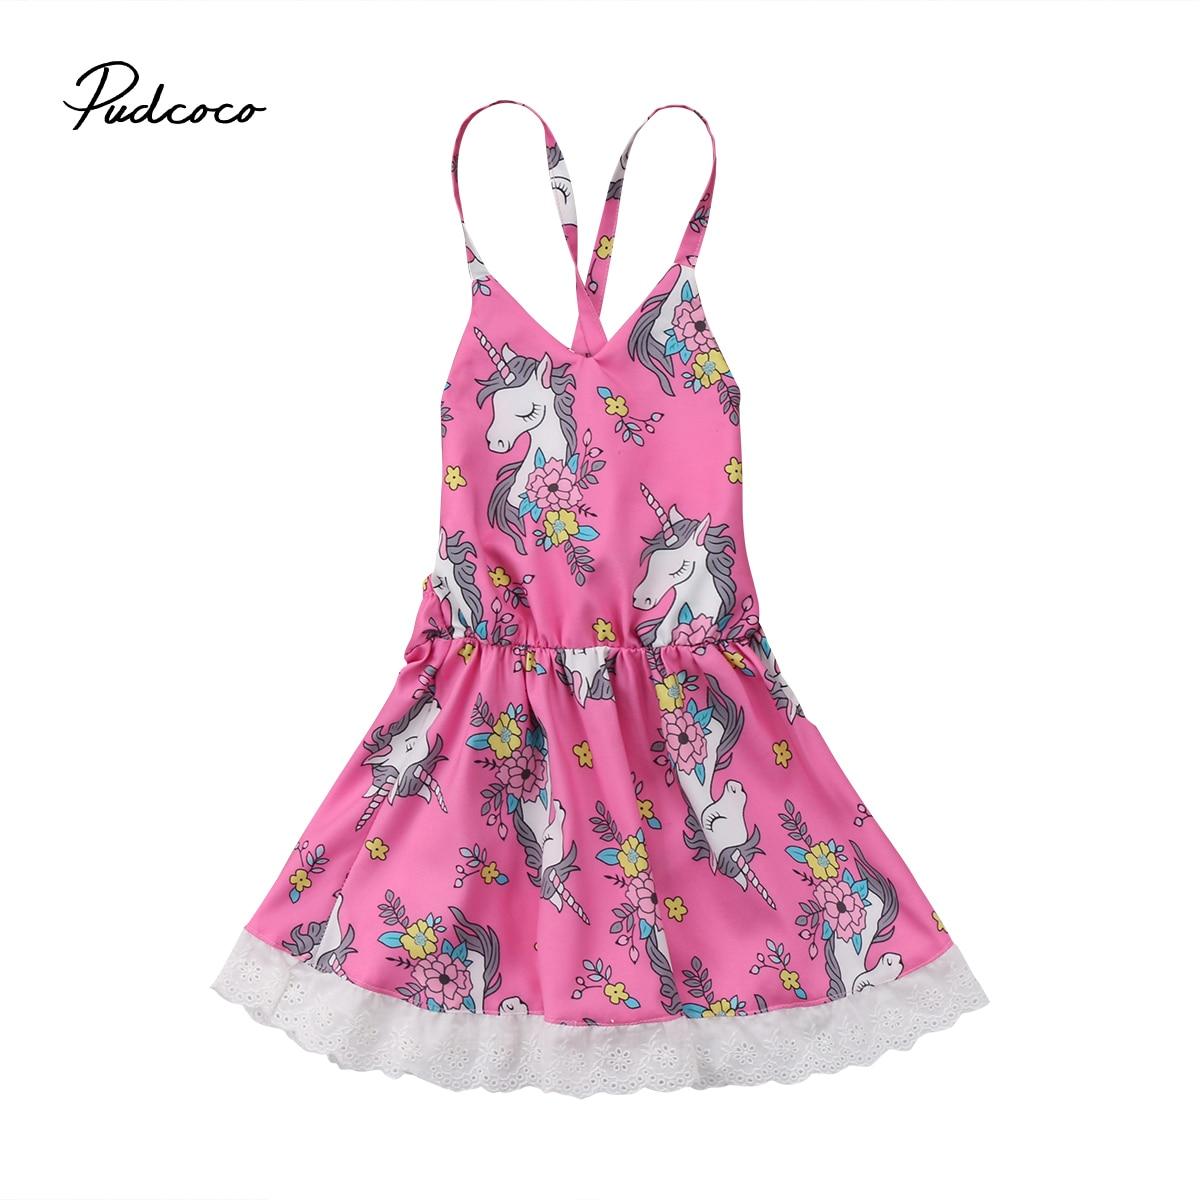 Bonito Vestidos Del Partido Del Bebé Uk Viñeta - Colección de ...